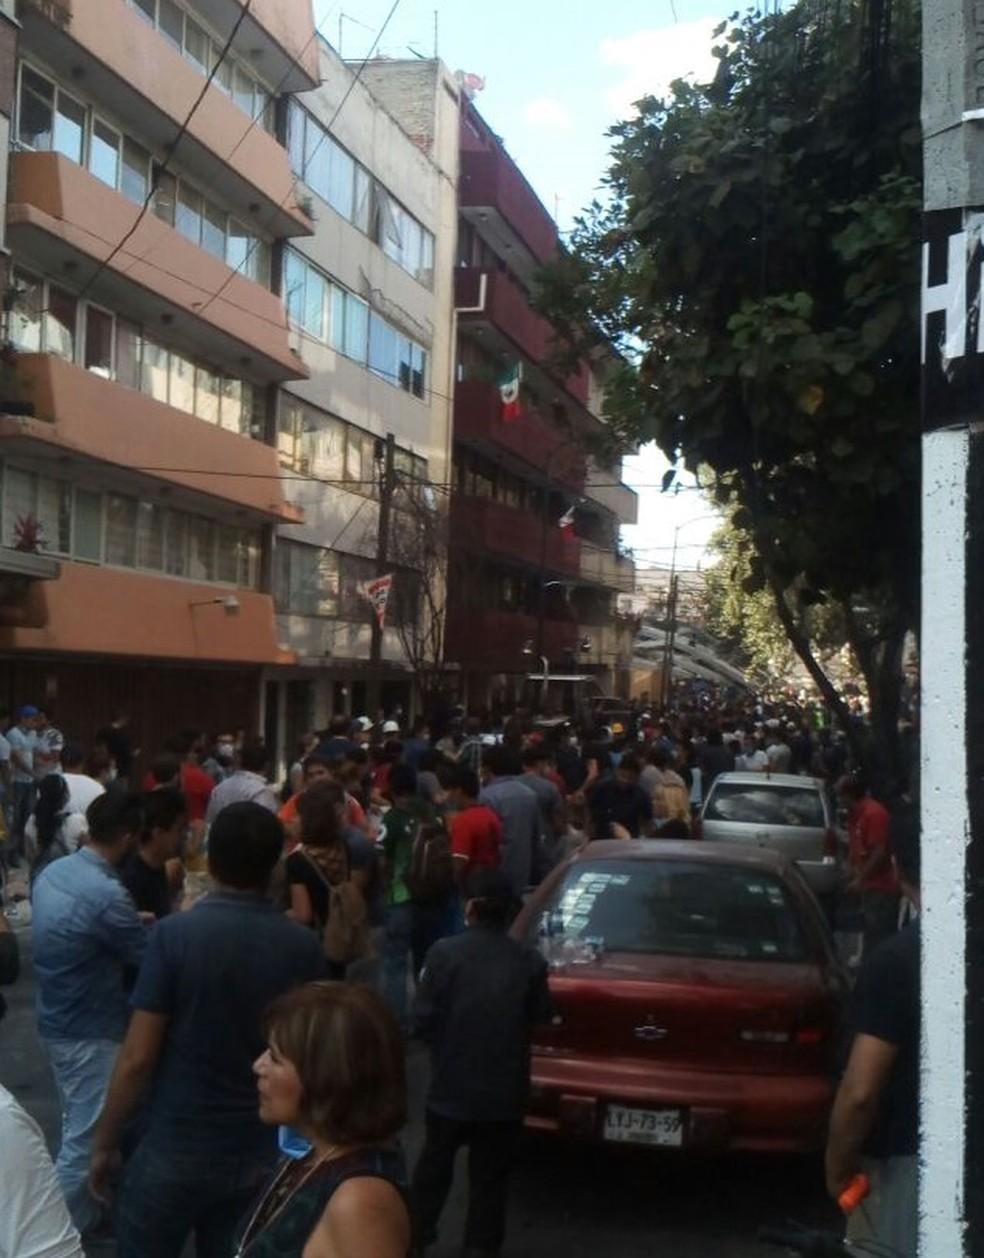 Lisandra contou que as ruas estão cheias de pessoas que não podem voltar para suas casas após o terremoto no México (Foto: Lisandra Mendes)